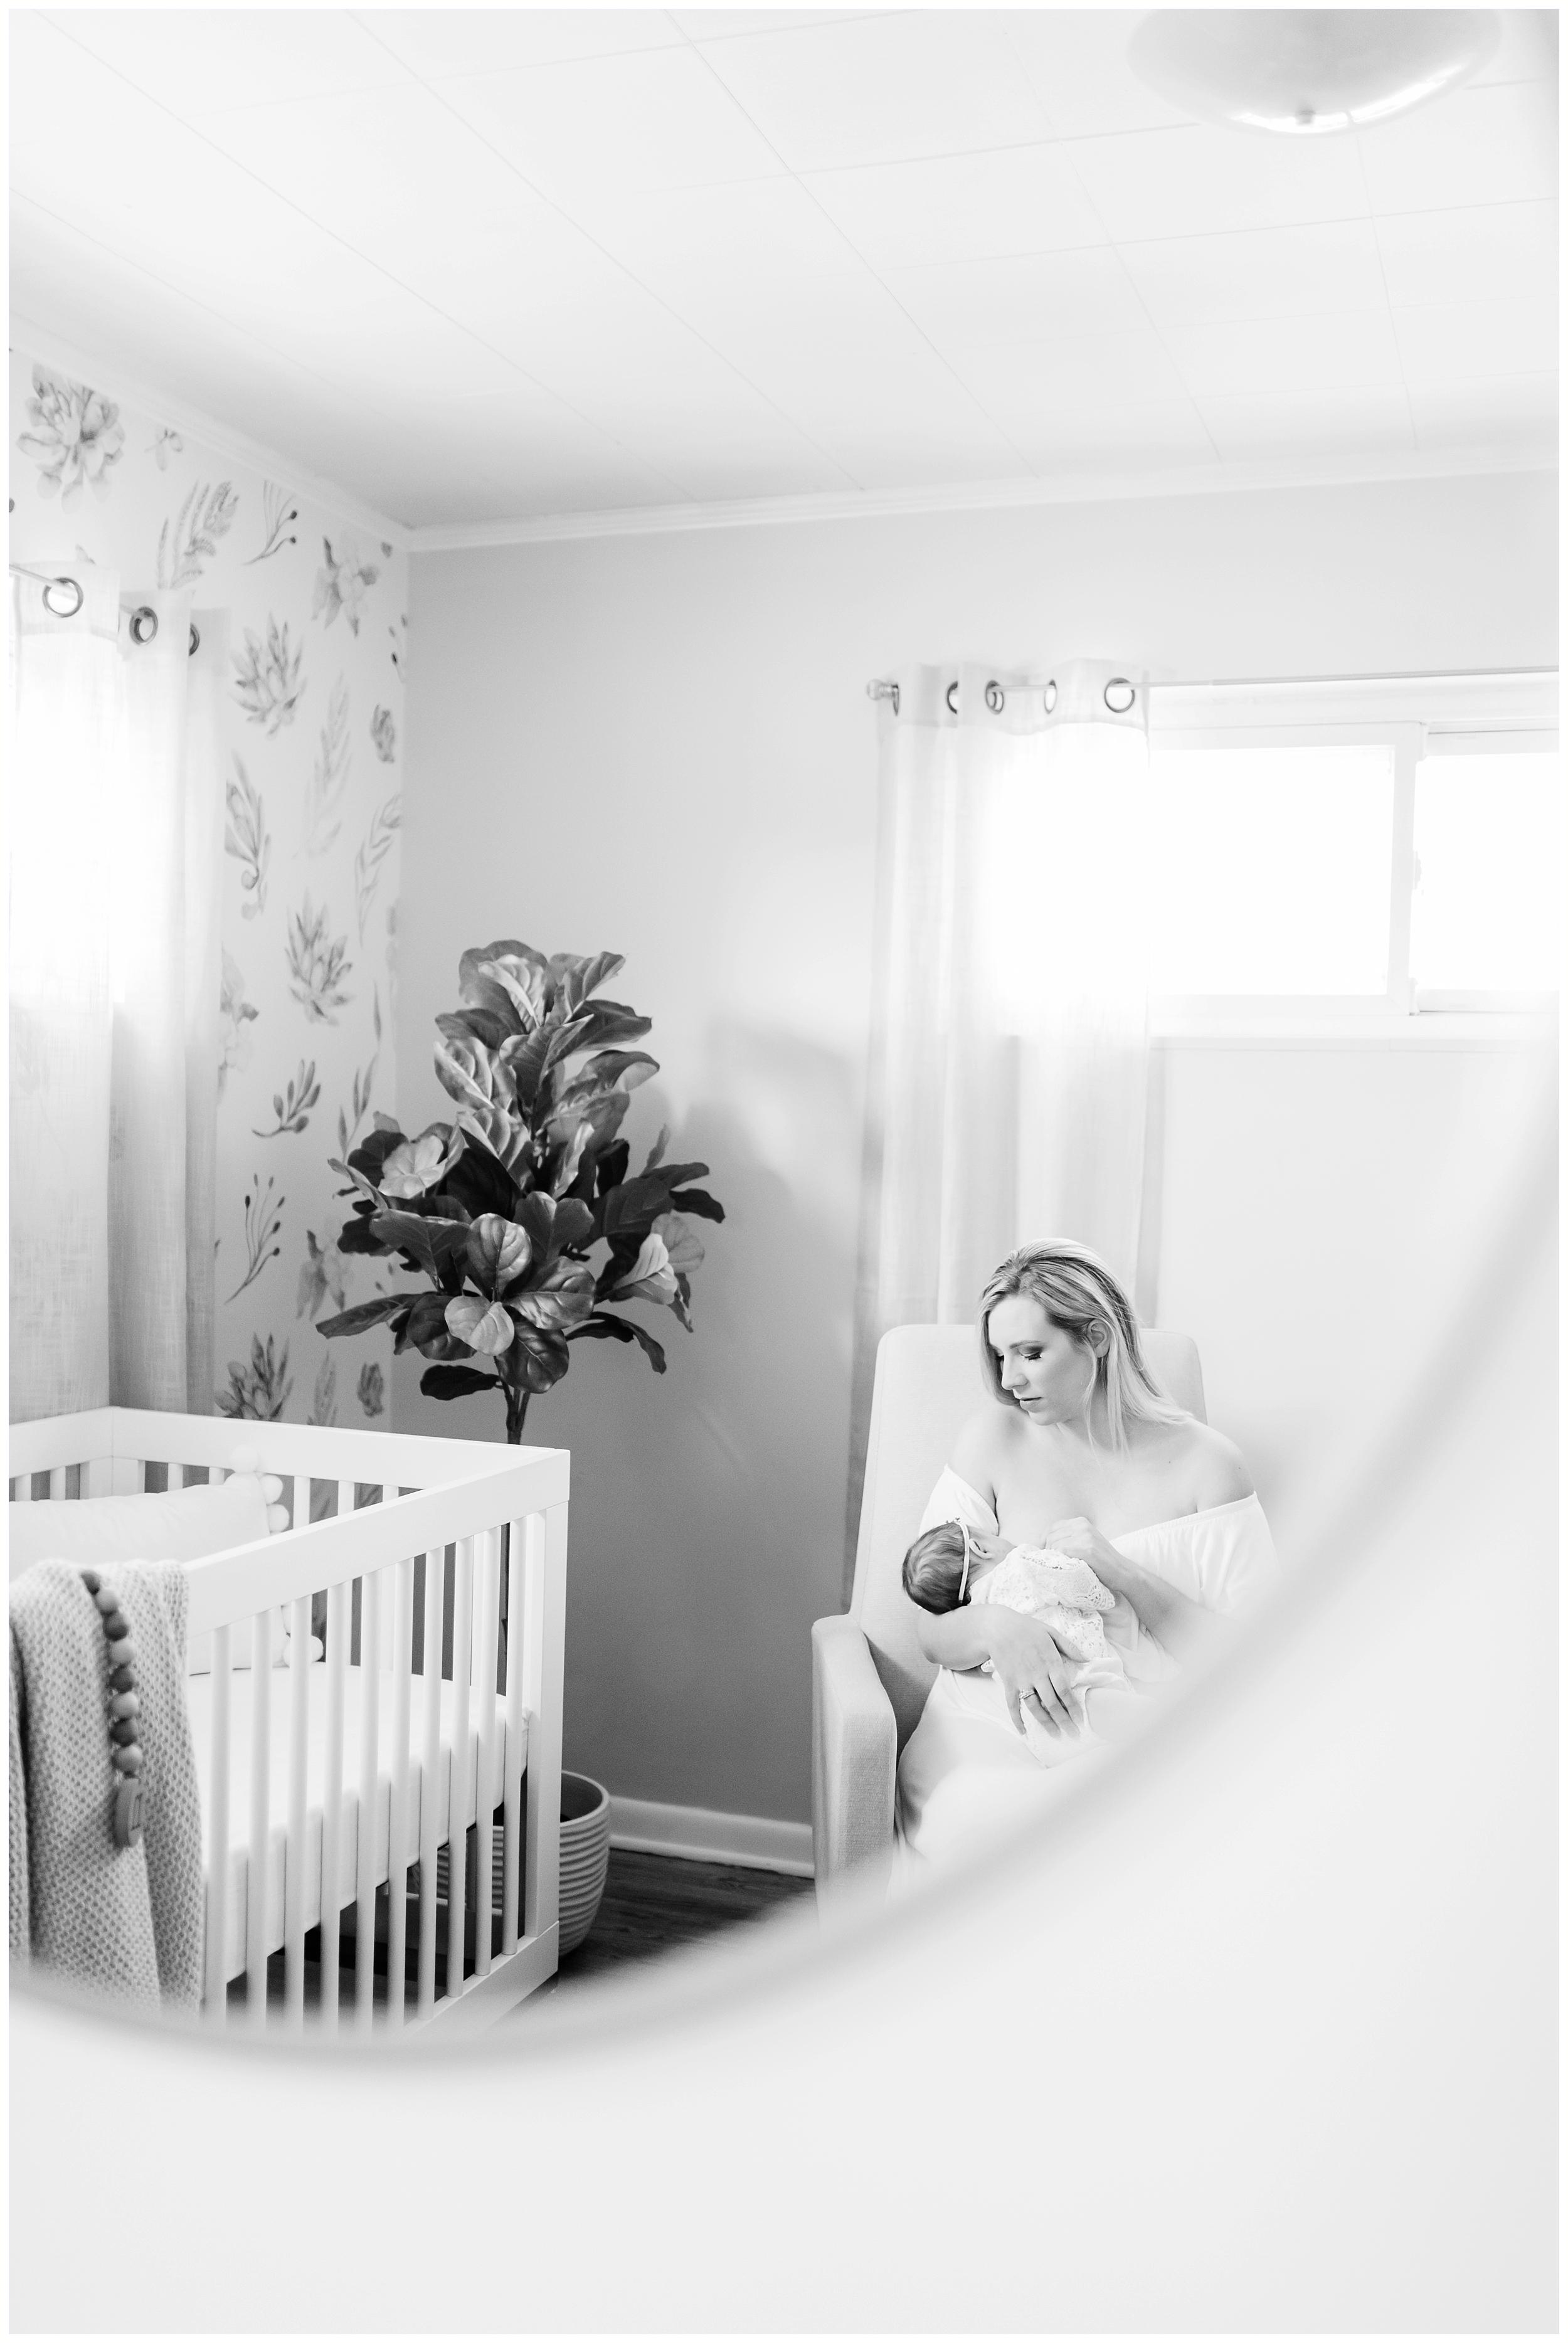 lexington-ky-family-lifestyle-photos-by-priscilla-baierlein_0915.jpg